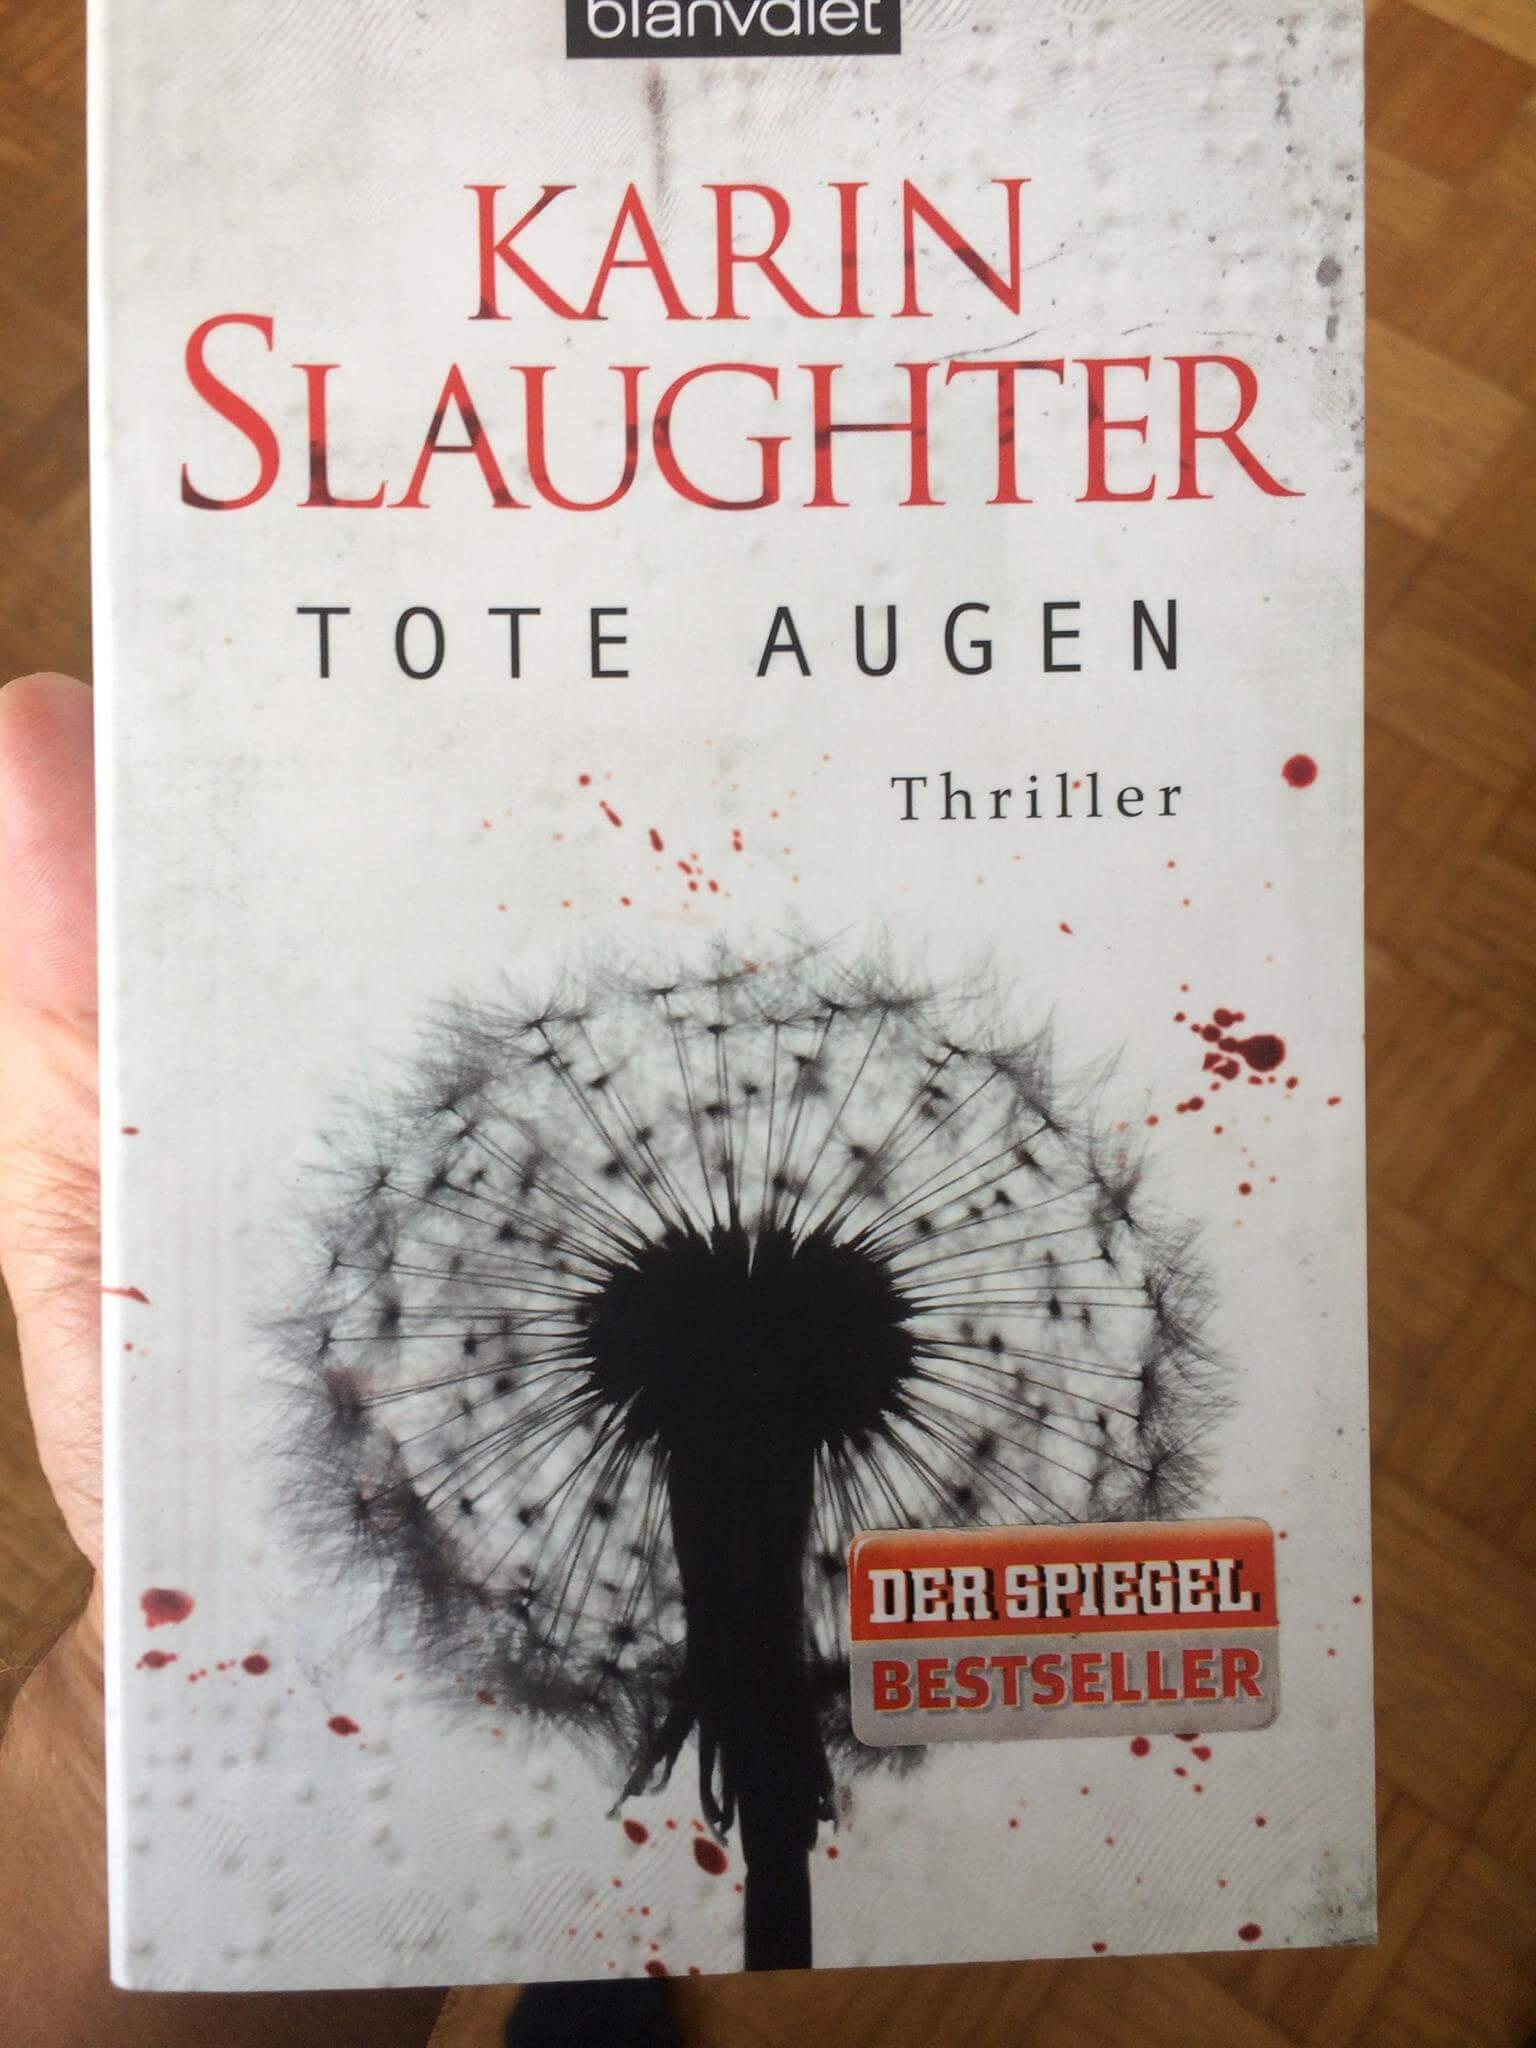 Karin Slaughter Tote Augen Ebook